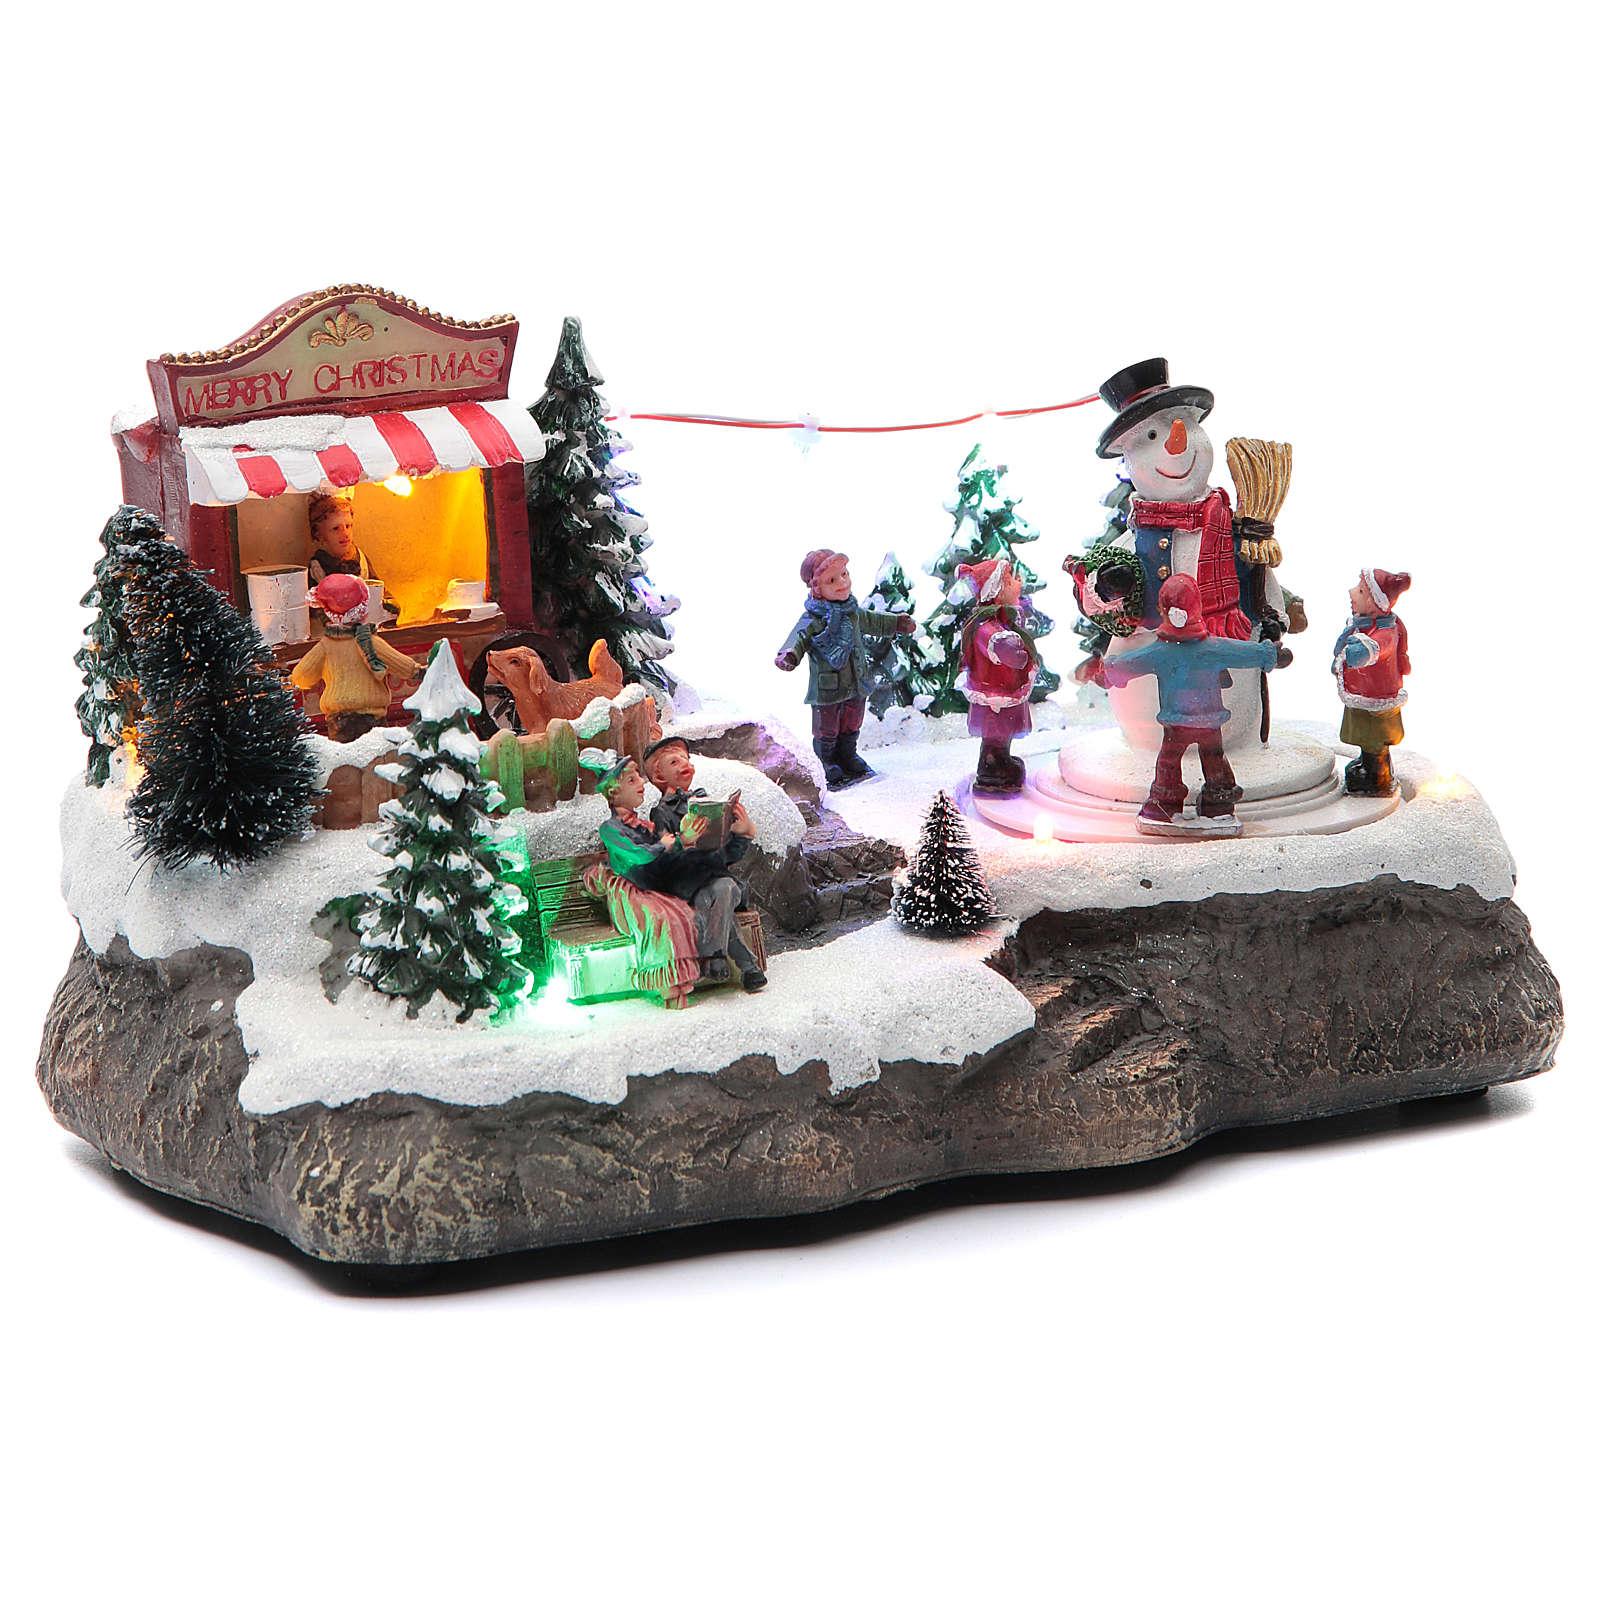 Villaggio di Natale Girotondo pupazzo 25x15x15 cm 3